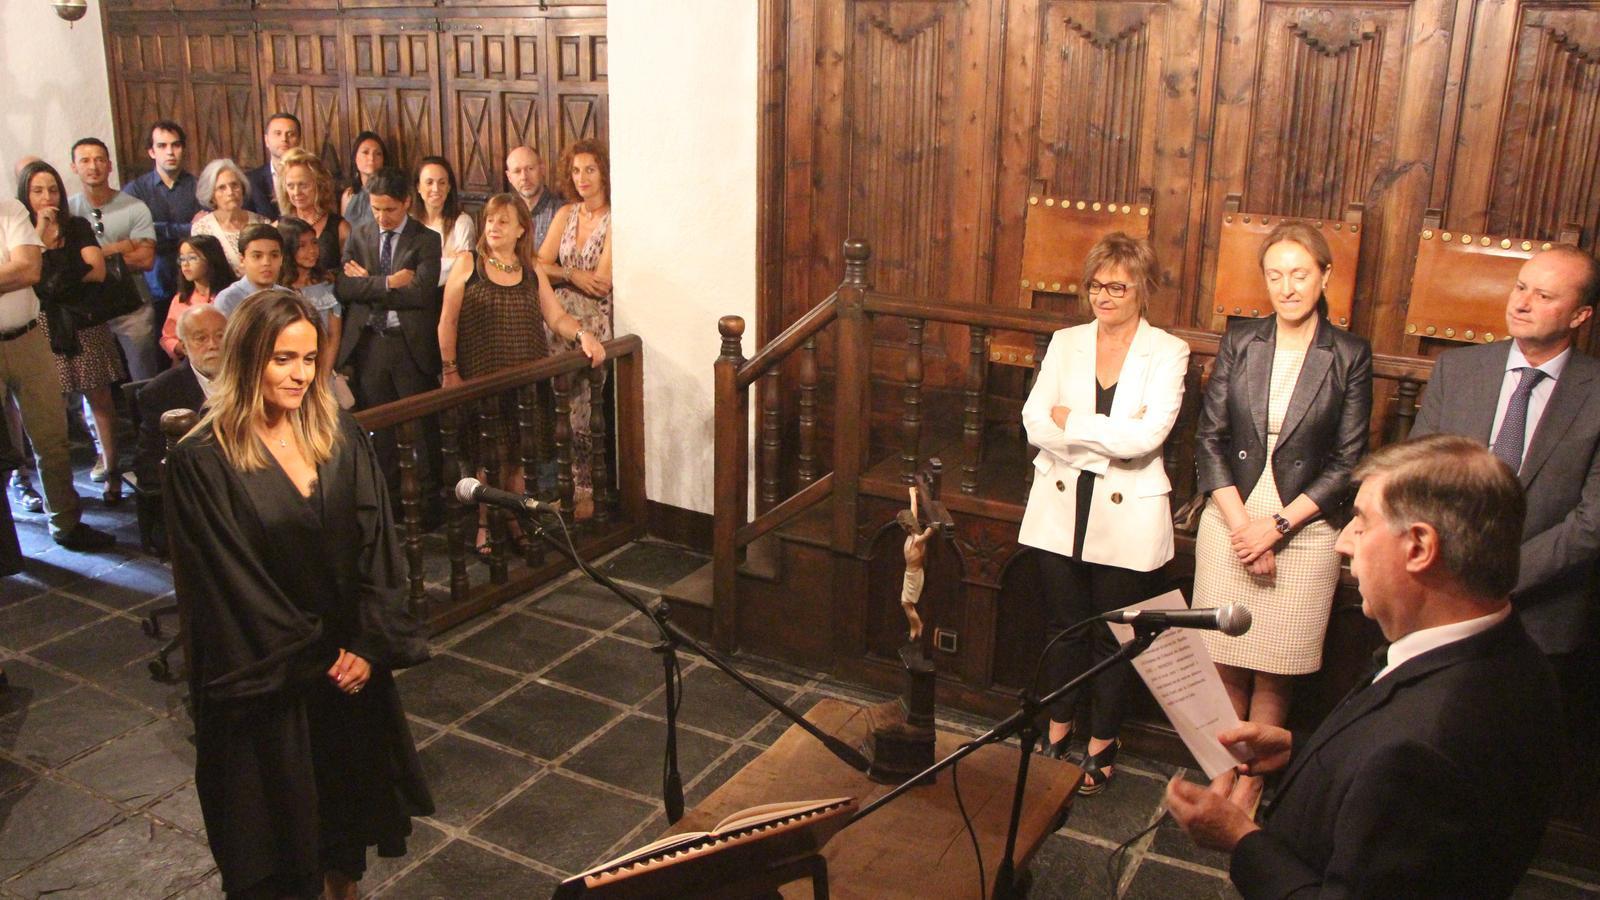 Moment en què Enric Casa de Vall, president del Consell Superior de Justícia, ha demant el jurament de la constitució a Sra. Laura Rodríguez González, batlle i presidenta del Tribunal de Batlles. / T. N.